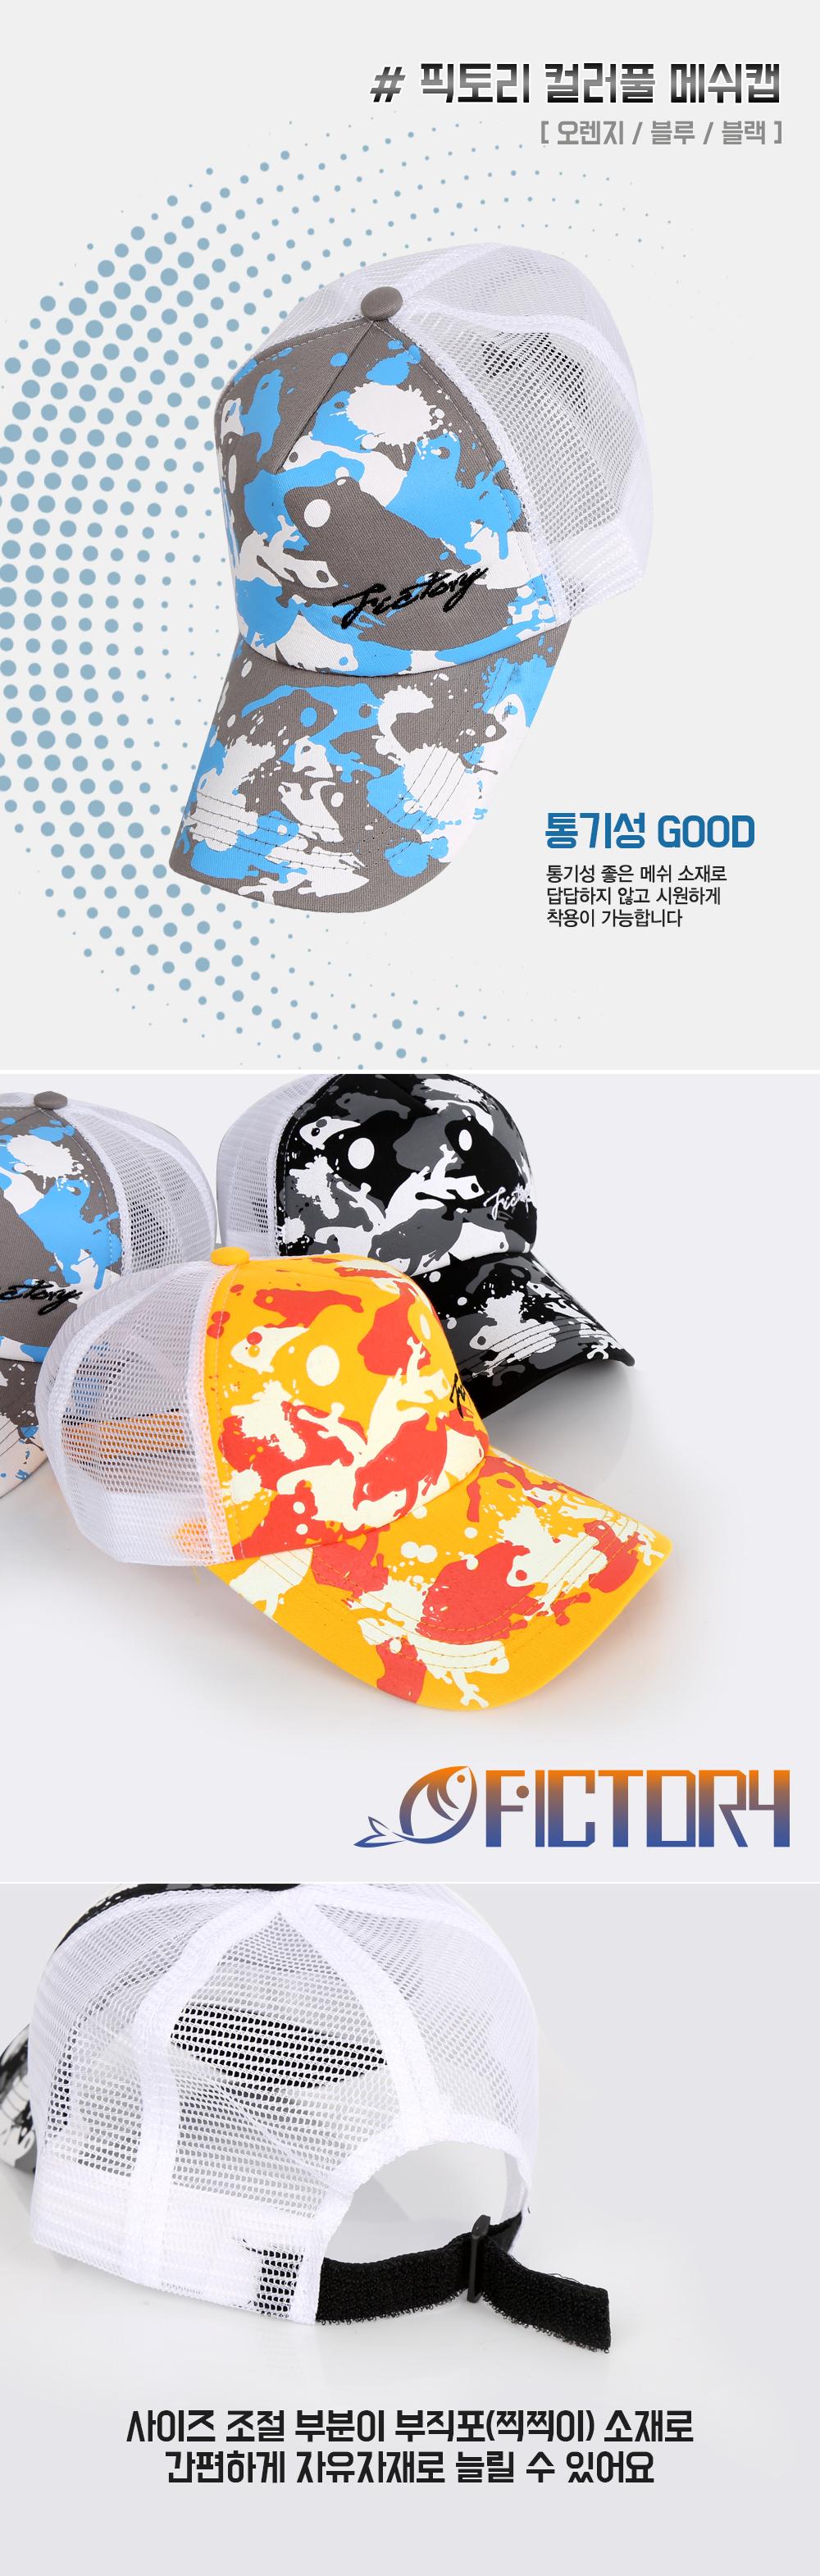 픽토리 컬러풀 메쉬 캡  FIC-CMC 모자 하계모자 여름모자 매쉬모자 야구모자 낚시모자 픽토리모자 캡